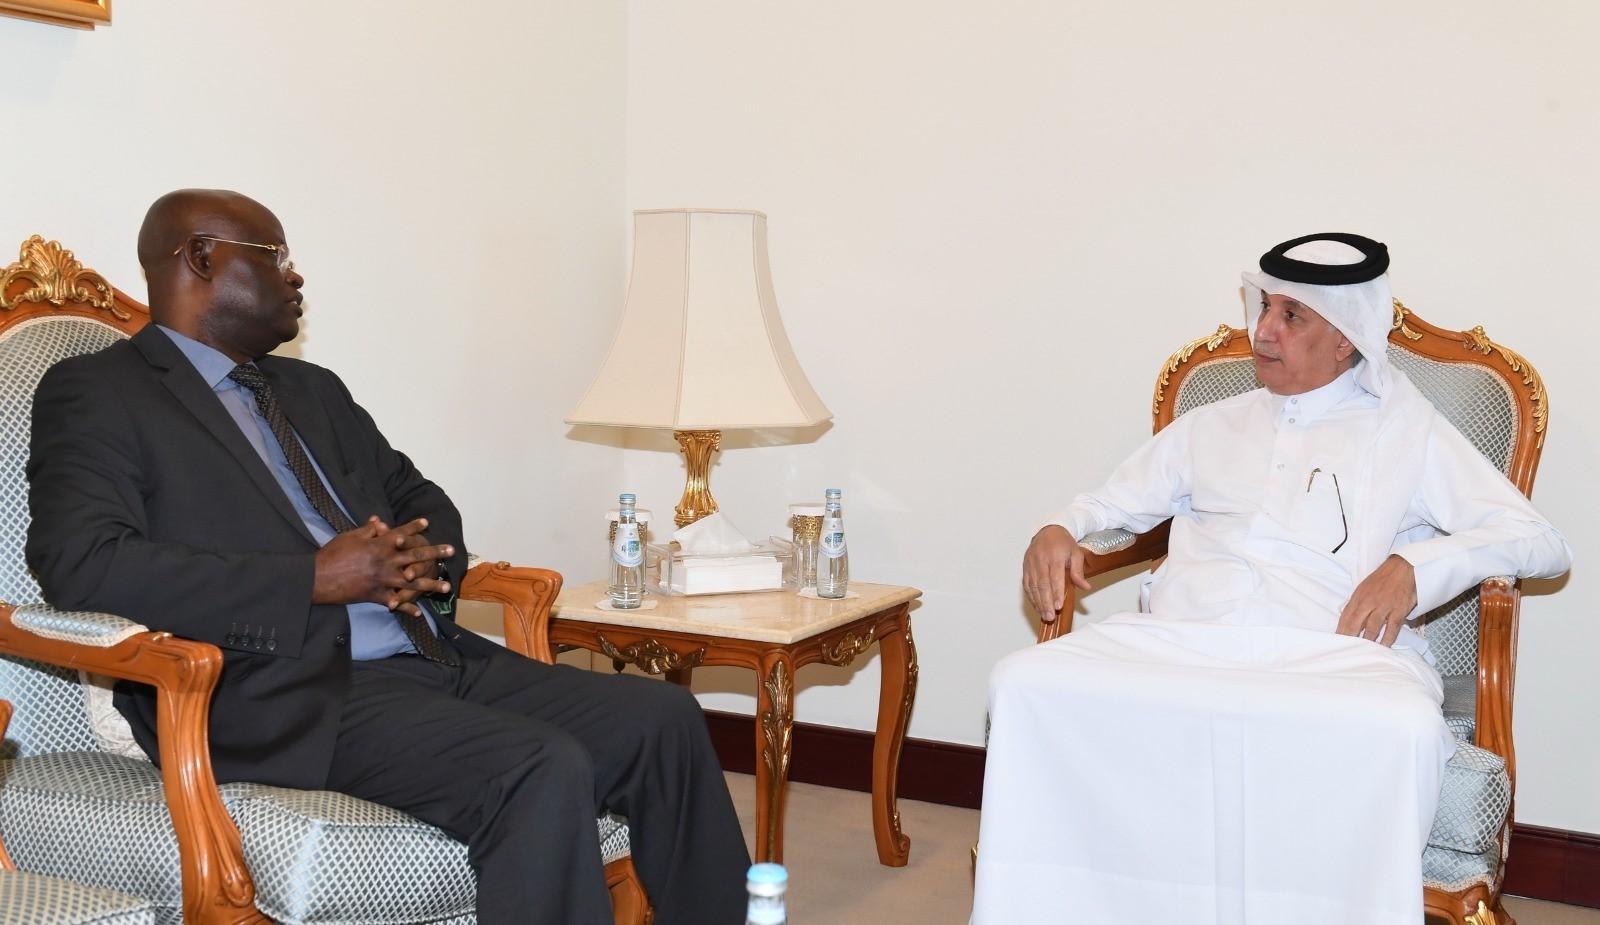 وزير الدولة للشؤون الخارجية يُودّع سفير بوروندي